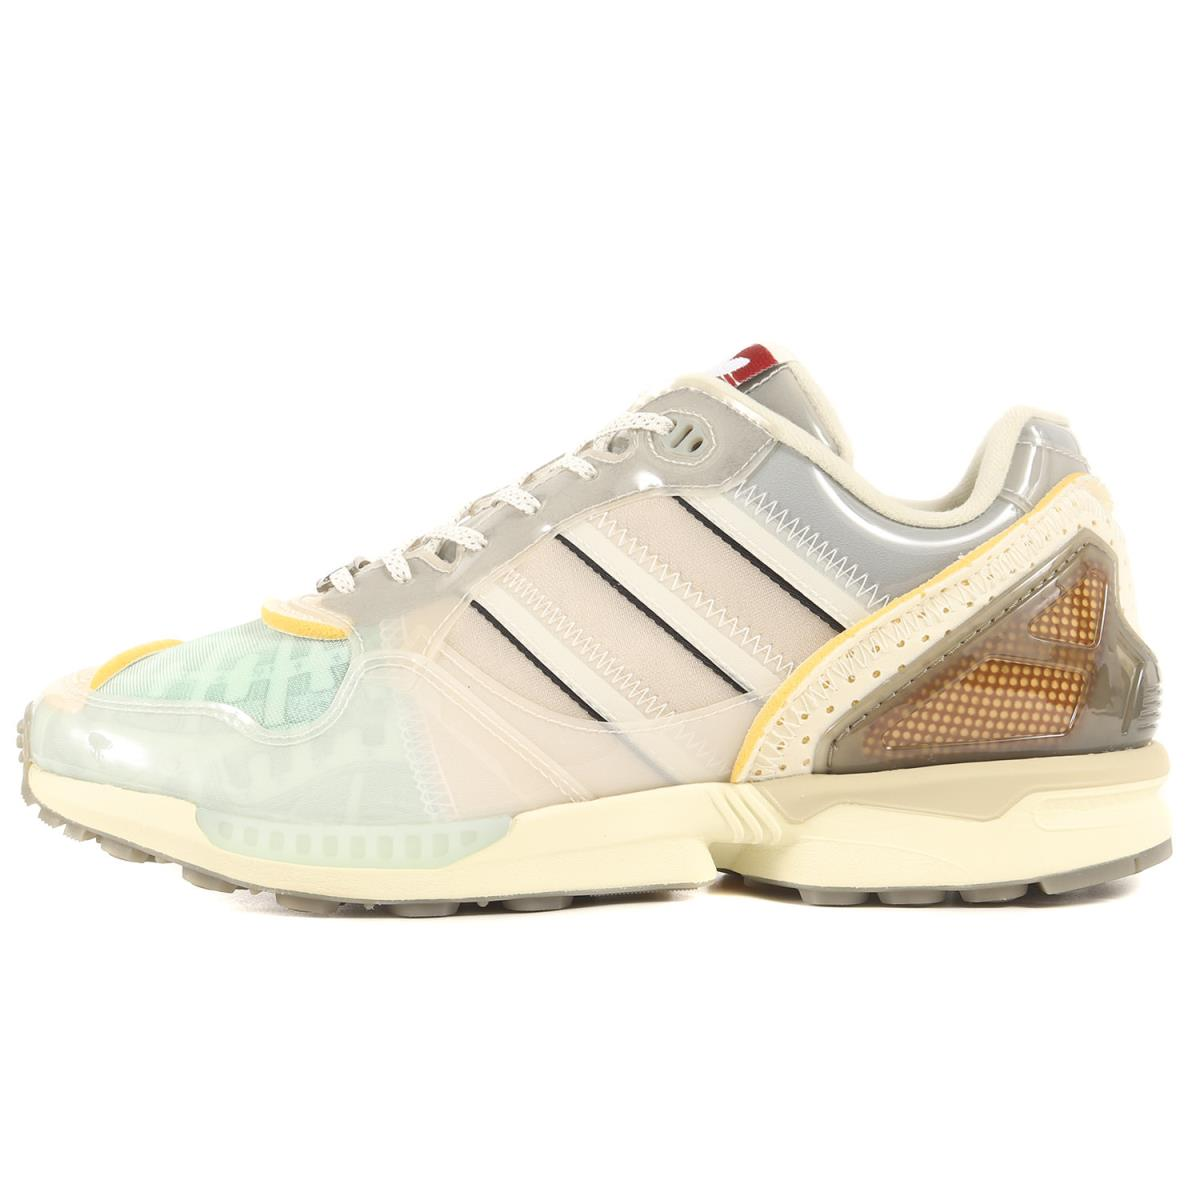 メンズ靴, スニーカー adidas ZX 6000 G55409 20AW US10 28cm K3107